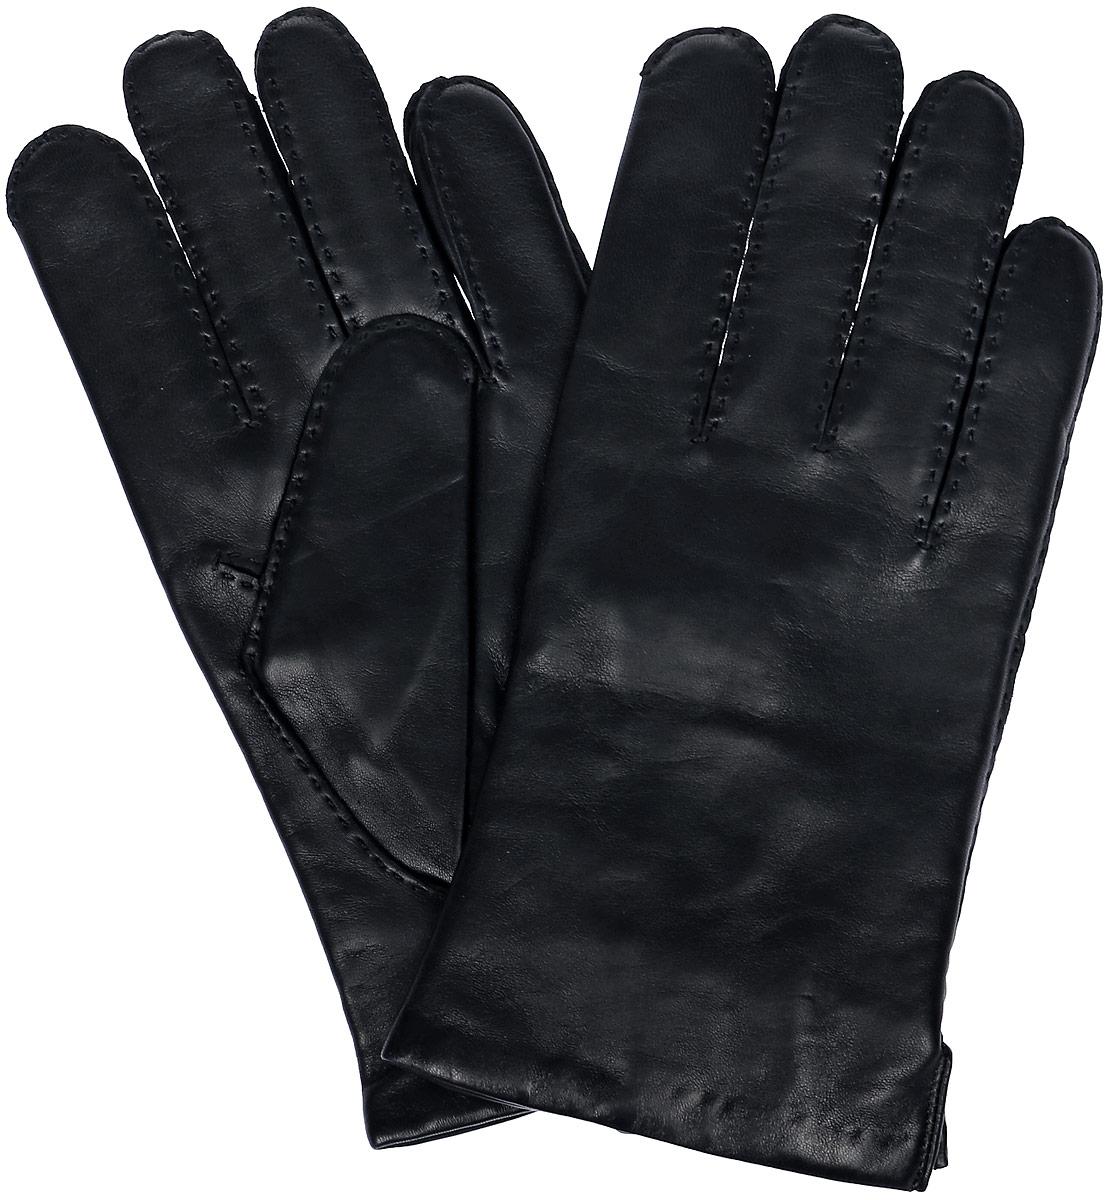 K100-PORINGE/BLМужские перчатки Michel Katana не только защитят ваши руки, но и станут великолепным украшением. Перчатки выполнены из натуральной кожи, а подкладка - из высококачественной шерсти. Модель оформлена декоративными прострочками.